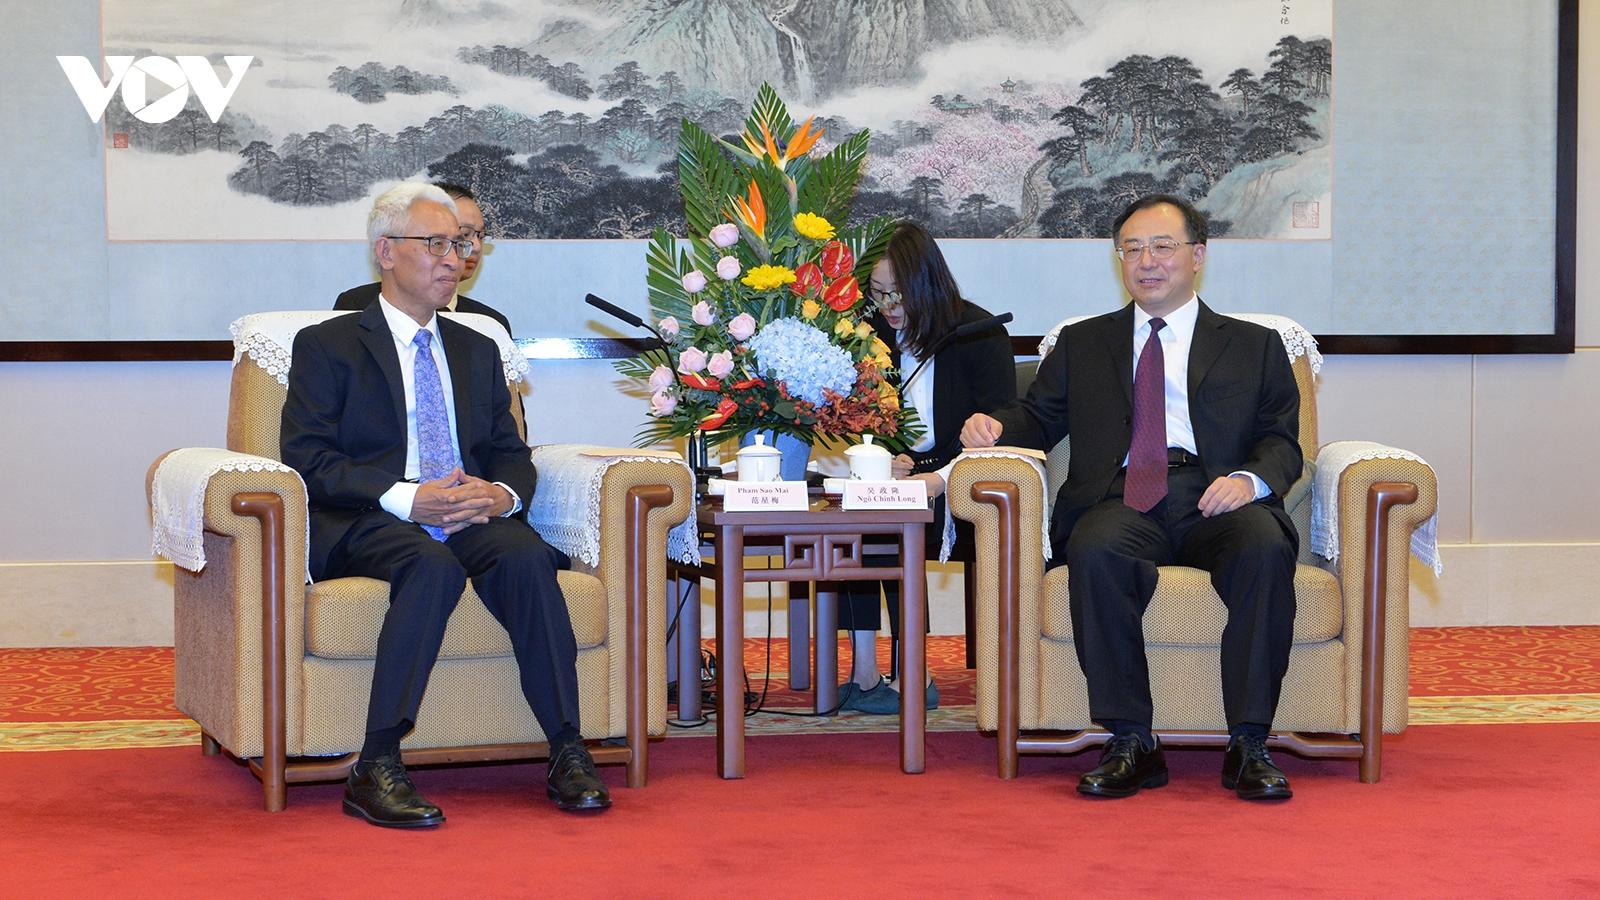 Tăng cường hợp tác cùng có lợi giữa các địa phương Việt Nam và tỉnh Giang Tô, Trung Quốc